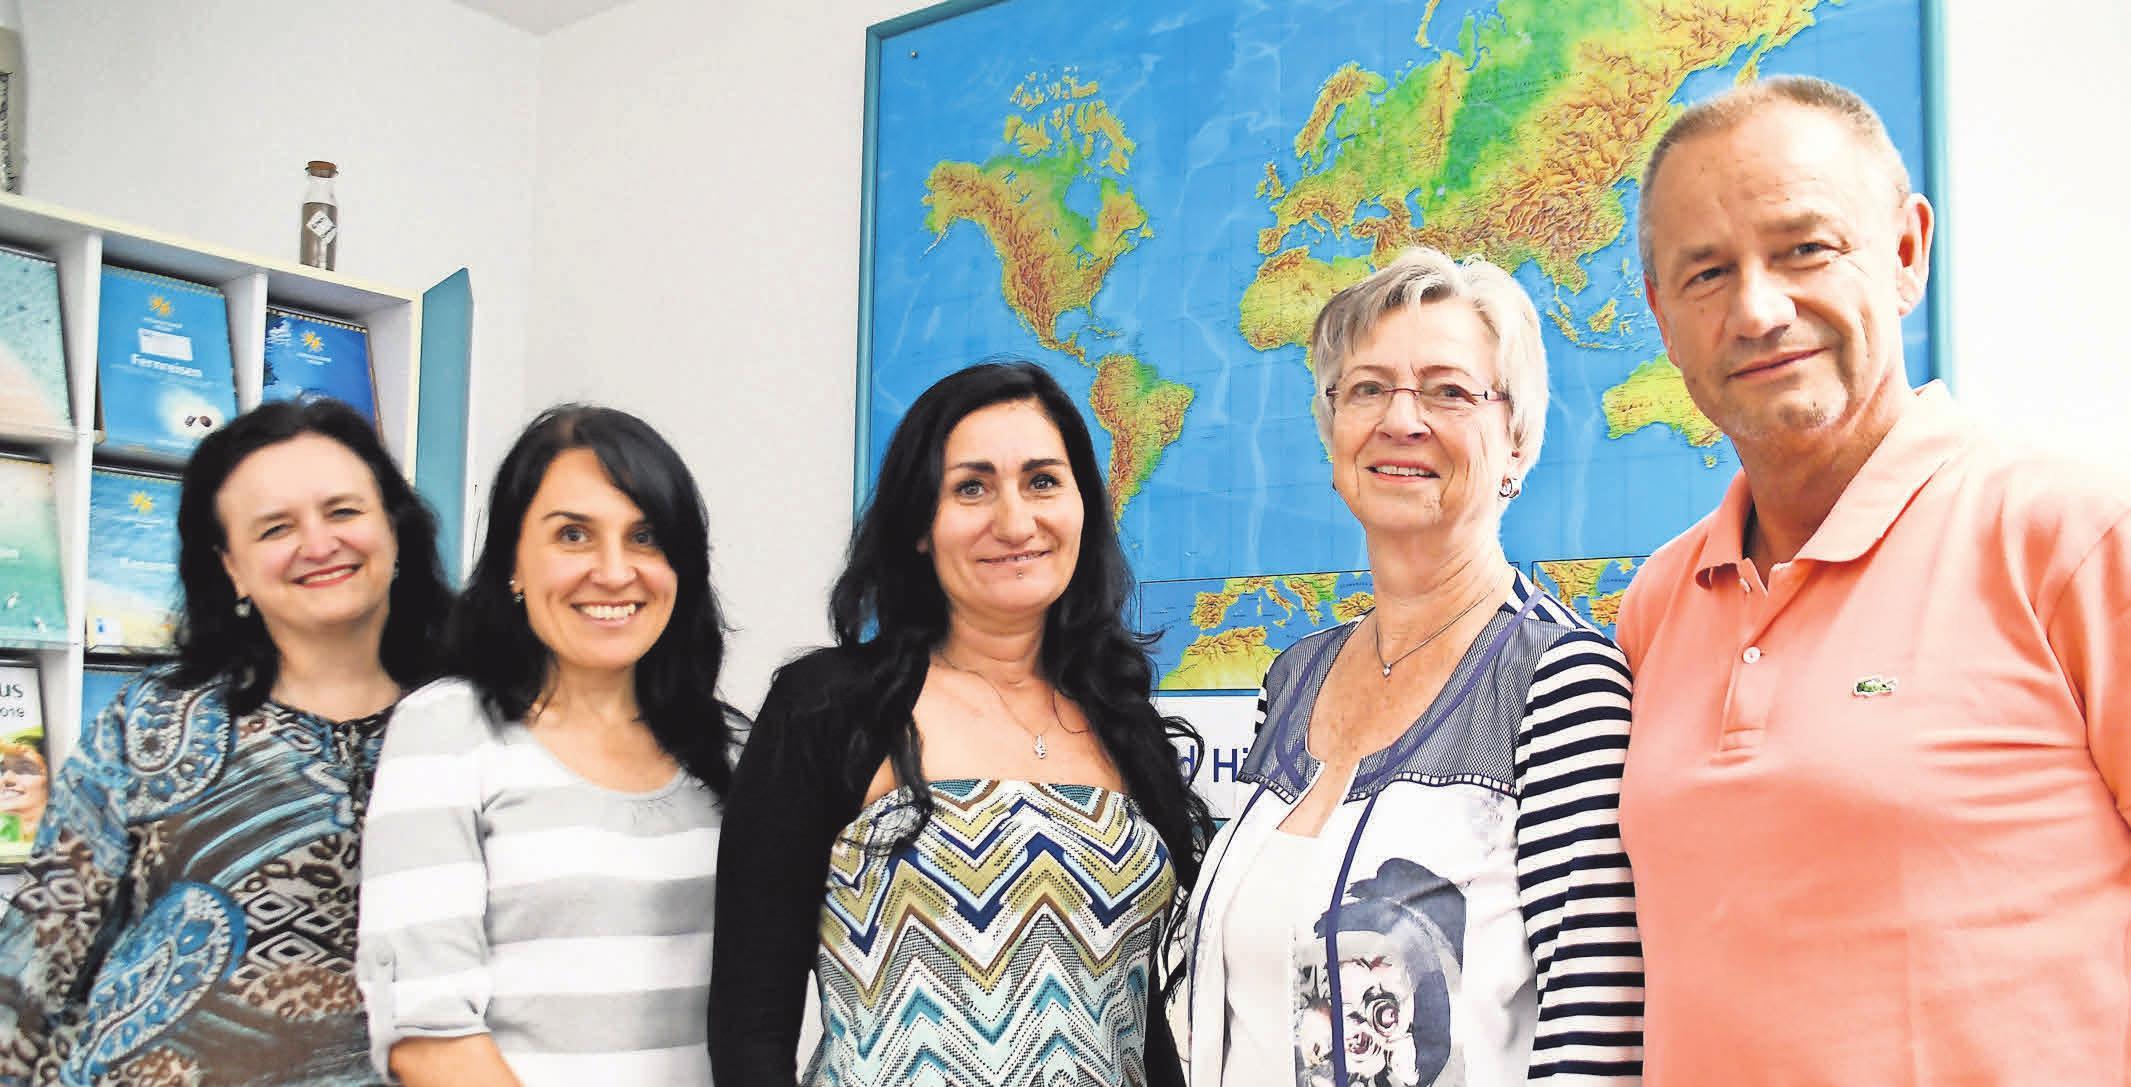 André Belwan, Karin Kruse, Seja Ademovic, Mariyana Belwan und Sylvia Jeschonnek (v.r.n.l.) sowie zwei weitere Mitarbeiter zählen zum Team des bekannten Reisebüros.